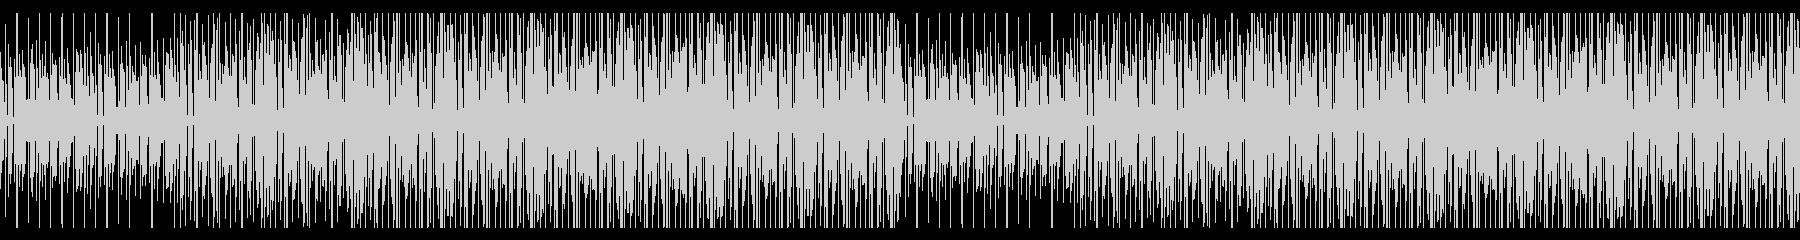 不思議でピコピコ音のゲーム音楽の未再生の波形